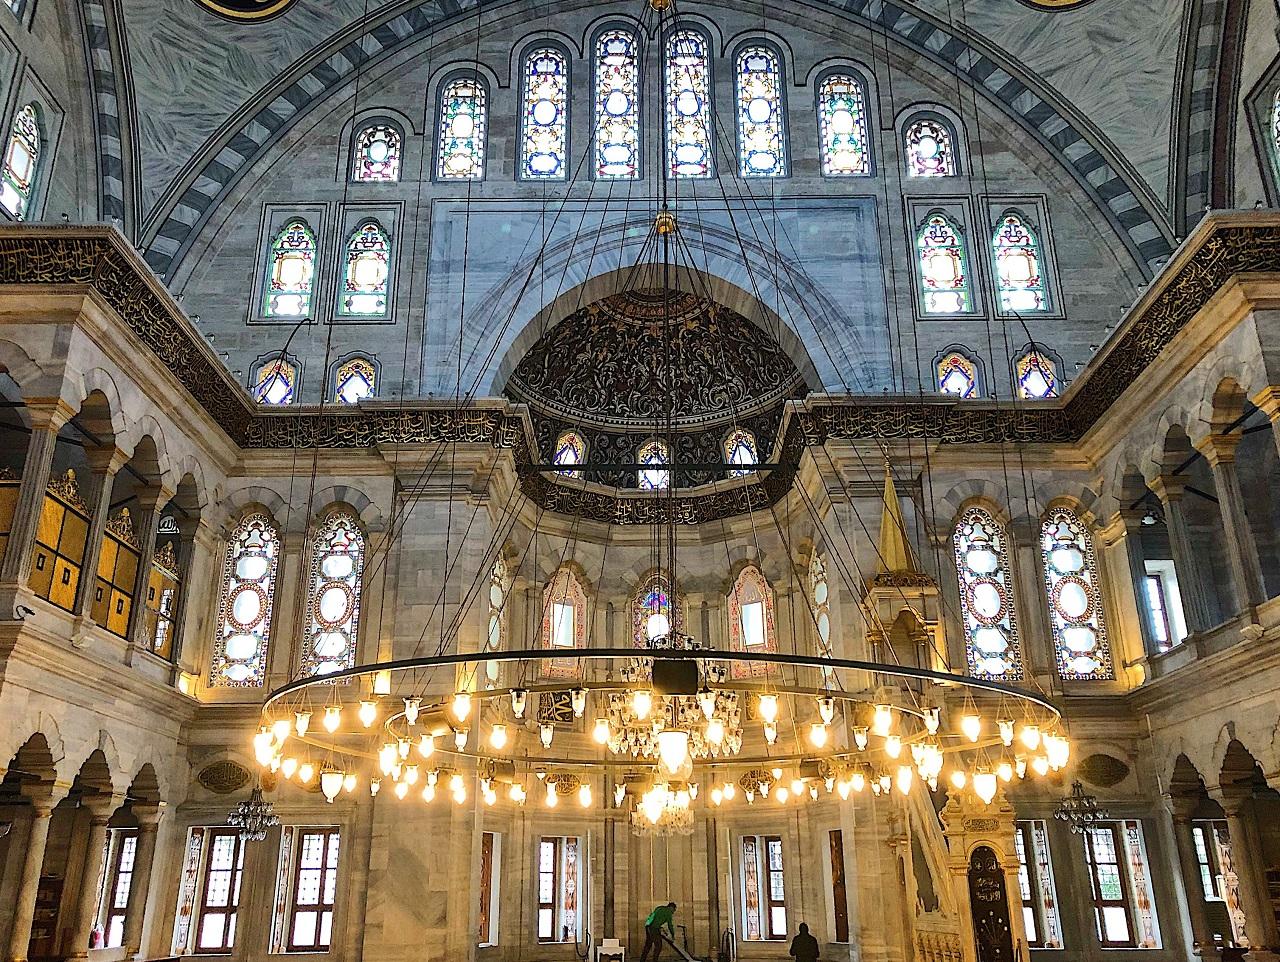 ヌルオスマニエ・モスク内部